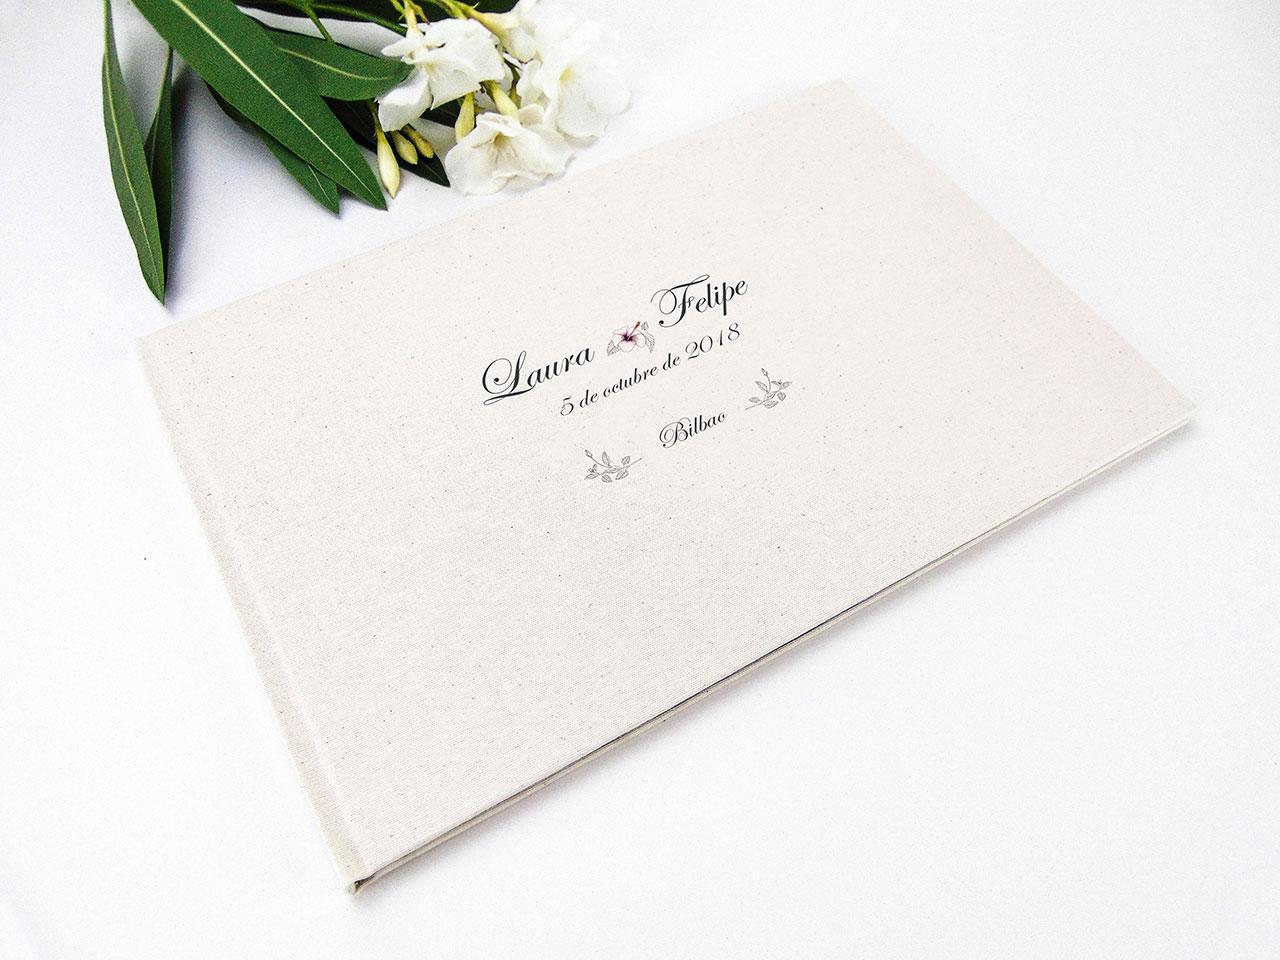 Tela de lino crudo impresa con texto y flores originales de MardePapel